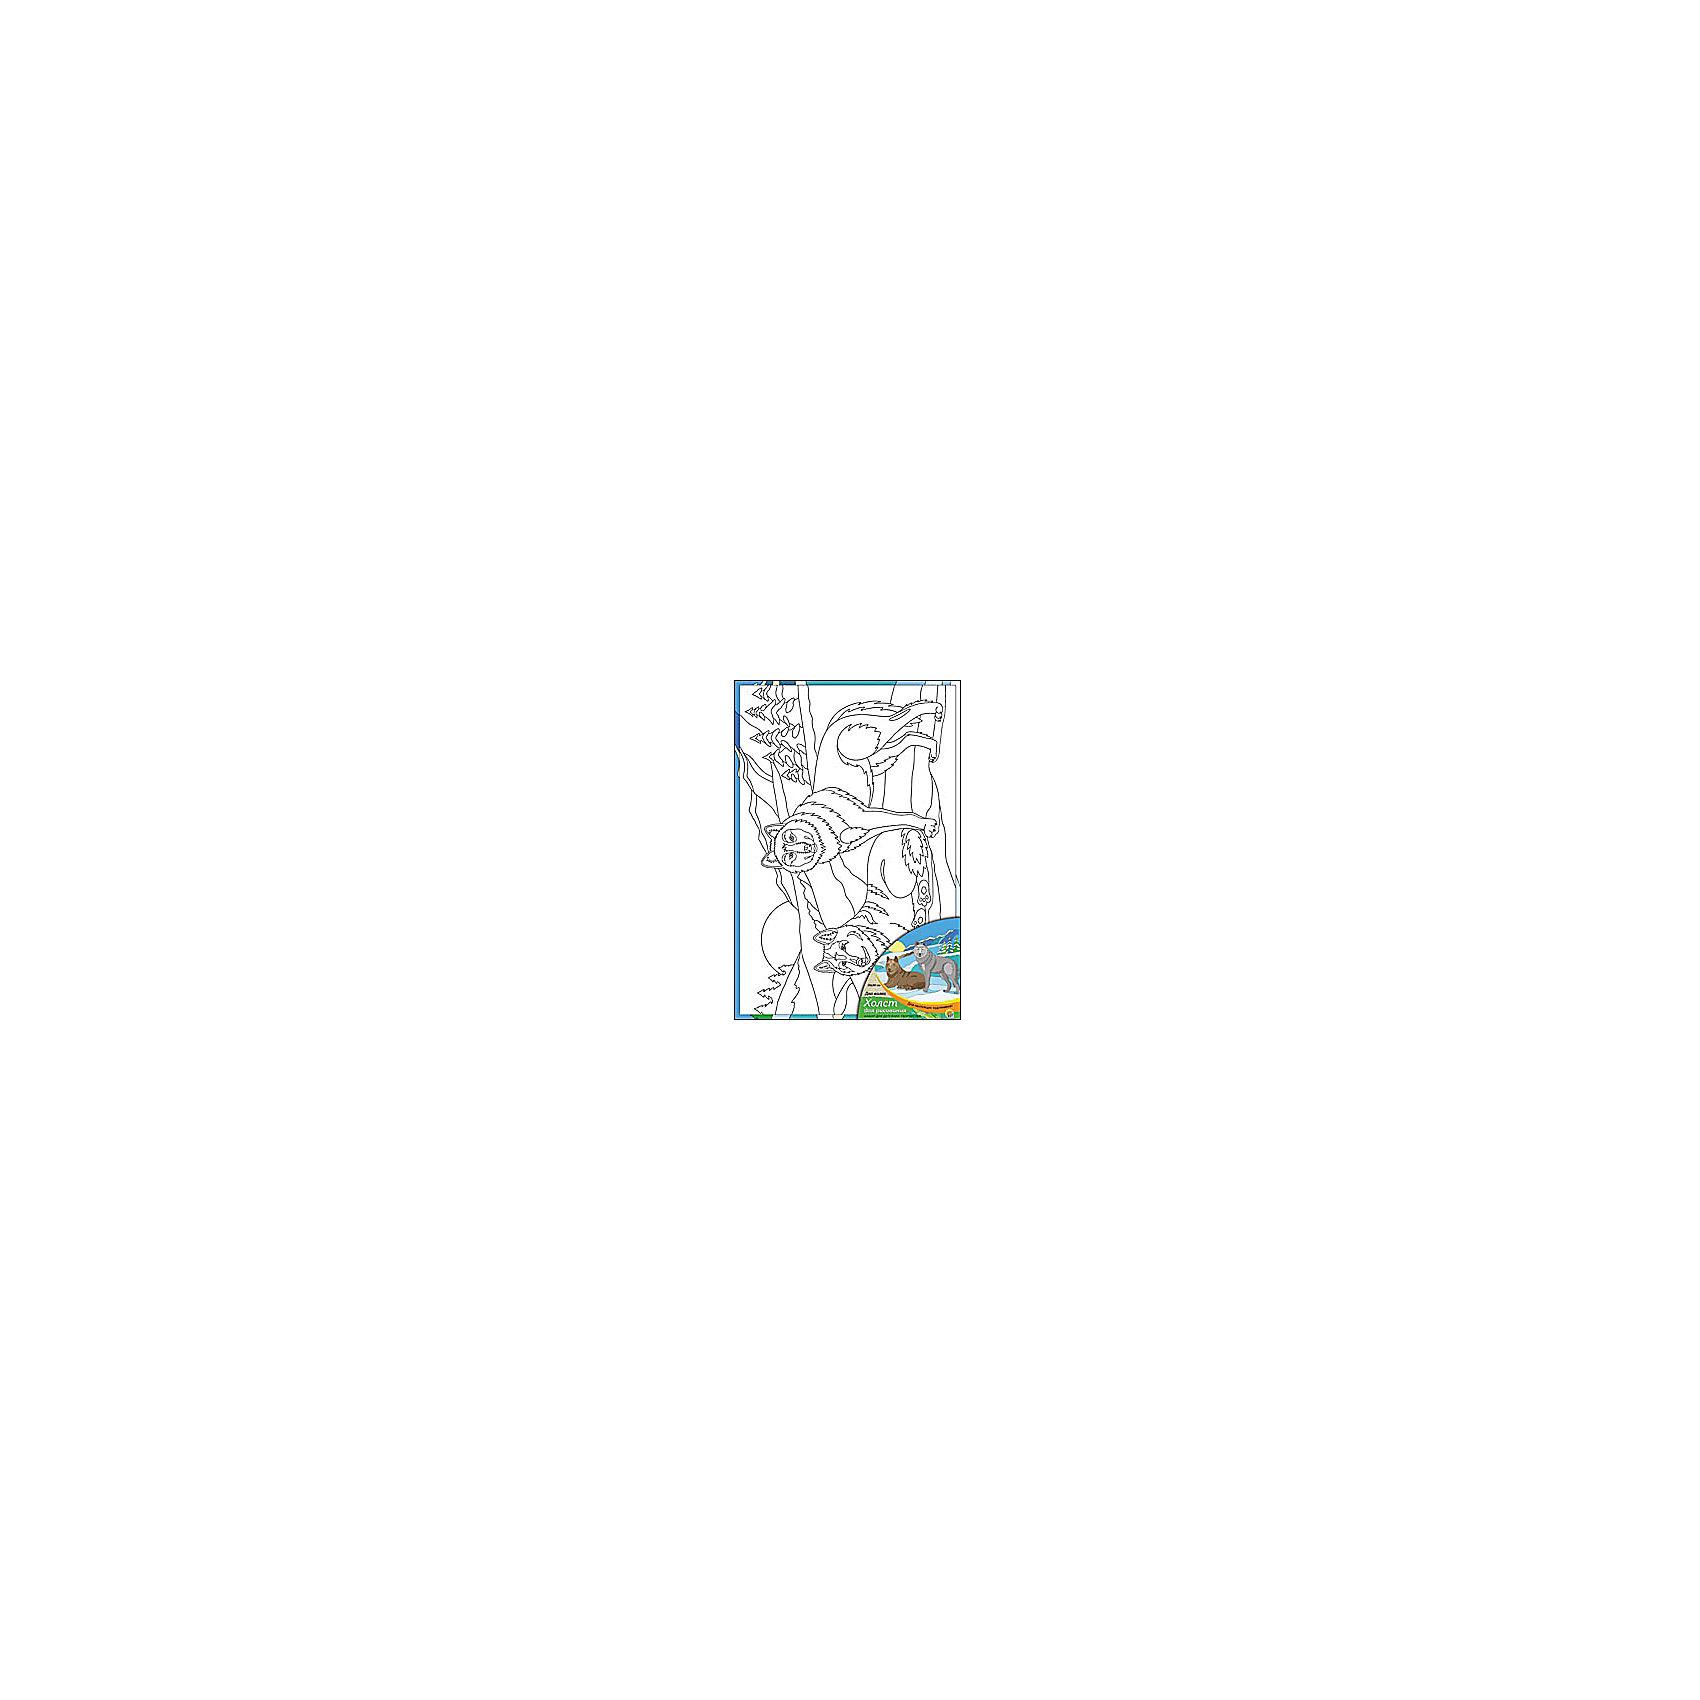 Холст с красками Два волка, 20х30 смРисование<br>Ваш малыш любит рисовать? Тогда набор Два волка обязательно порадует юного художника. Ребенок научится рисовать по холсту, и готовая яркая картинка вызовет восторг не только у него, но и у родителей, которые будут еще больше гордиться его талантами.<br><br>Дополнительная информация:<br>В наборе: холст-эскиз, 7 акриловых красок, кисточка<br>Размер: 20х1,5х30 см<br>Вес: 230 грамм<br>Холст с красками Два волка можно купить в нашем интернет-магазине.<br><br>Ширина мм: 300<br>Глубина мм: 15<br>Высота мм: 200<br>Вес г: 230<br>Возраст от месяцев: 36<br>Возраст до месяцев: 120<br>Пол: Унисекс<br>Возраст: Детский<br>SKU: 4939526